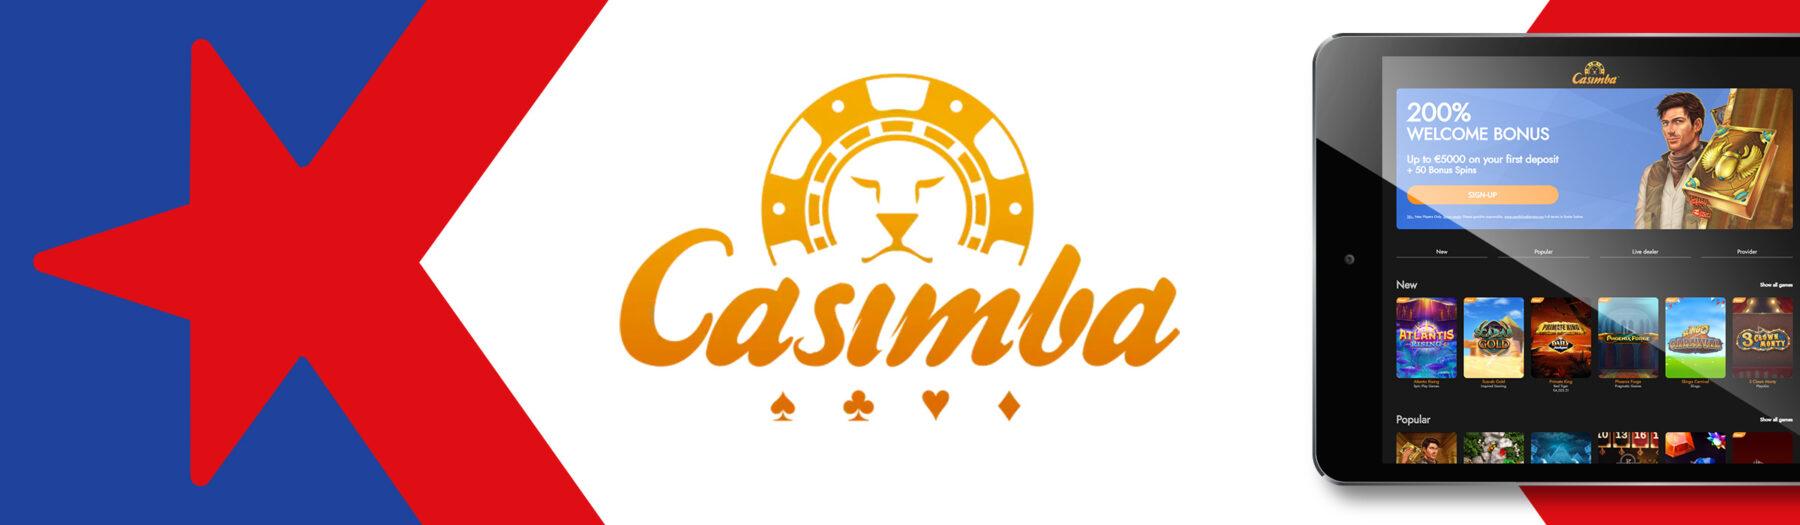 Bonos de Casino en Casimba